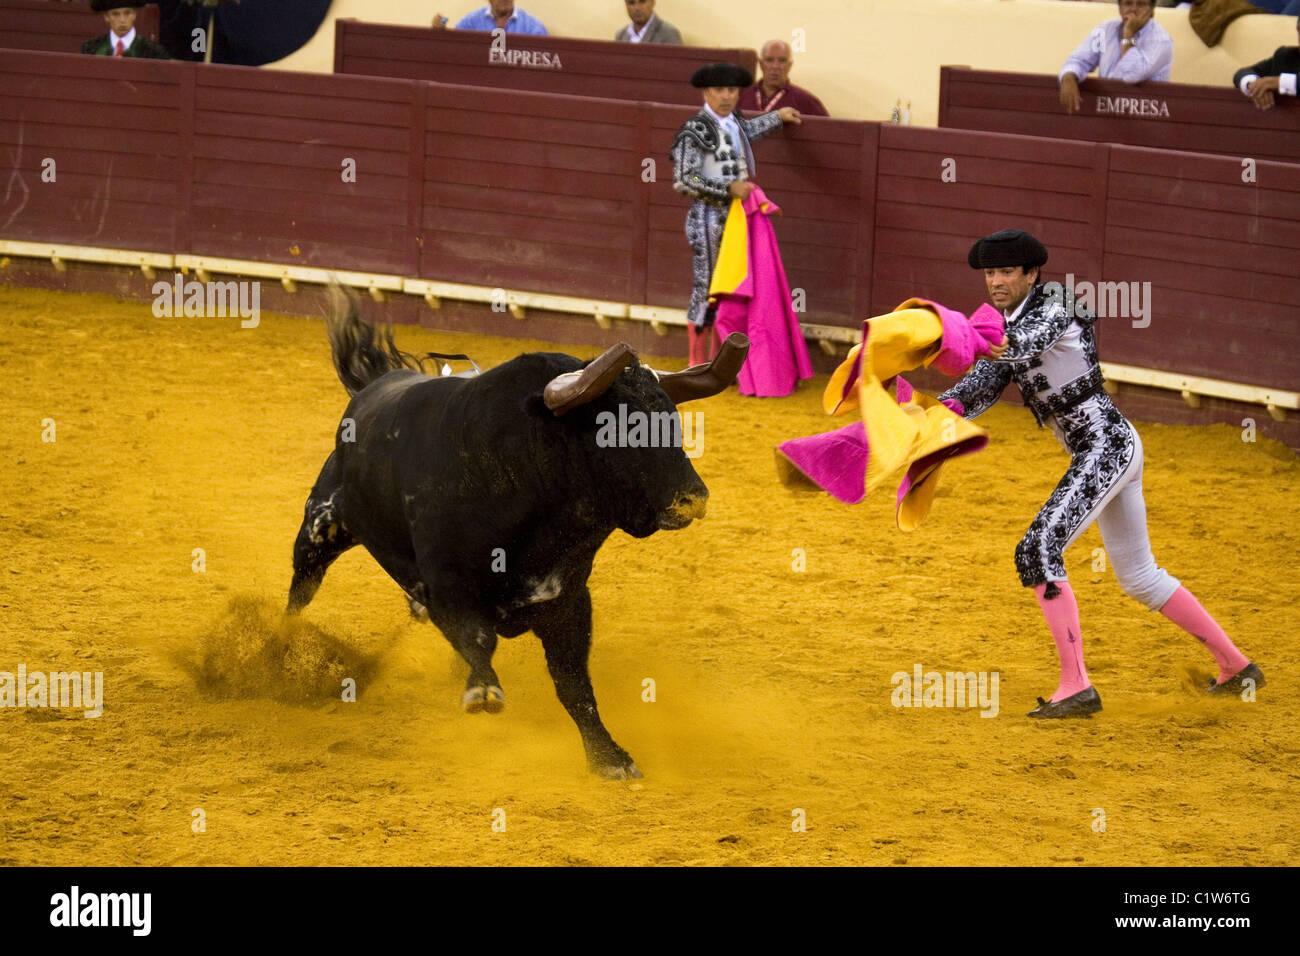 Bandarilheiros estilo portugués en acción durante las corridas de toros de  Campo Pequeno 6855b020405